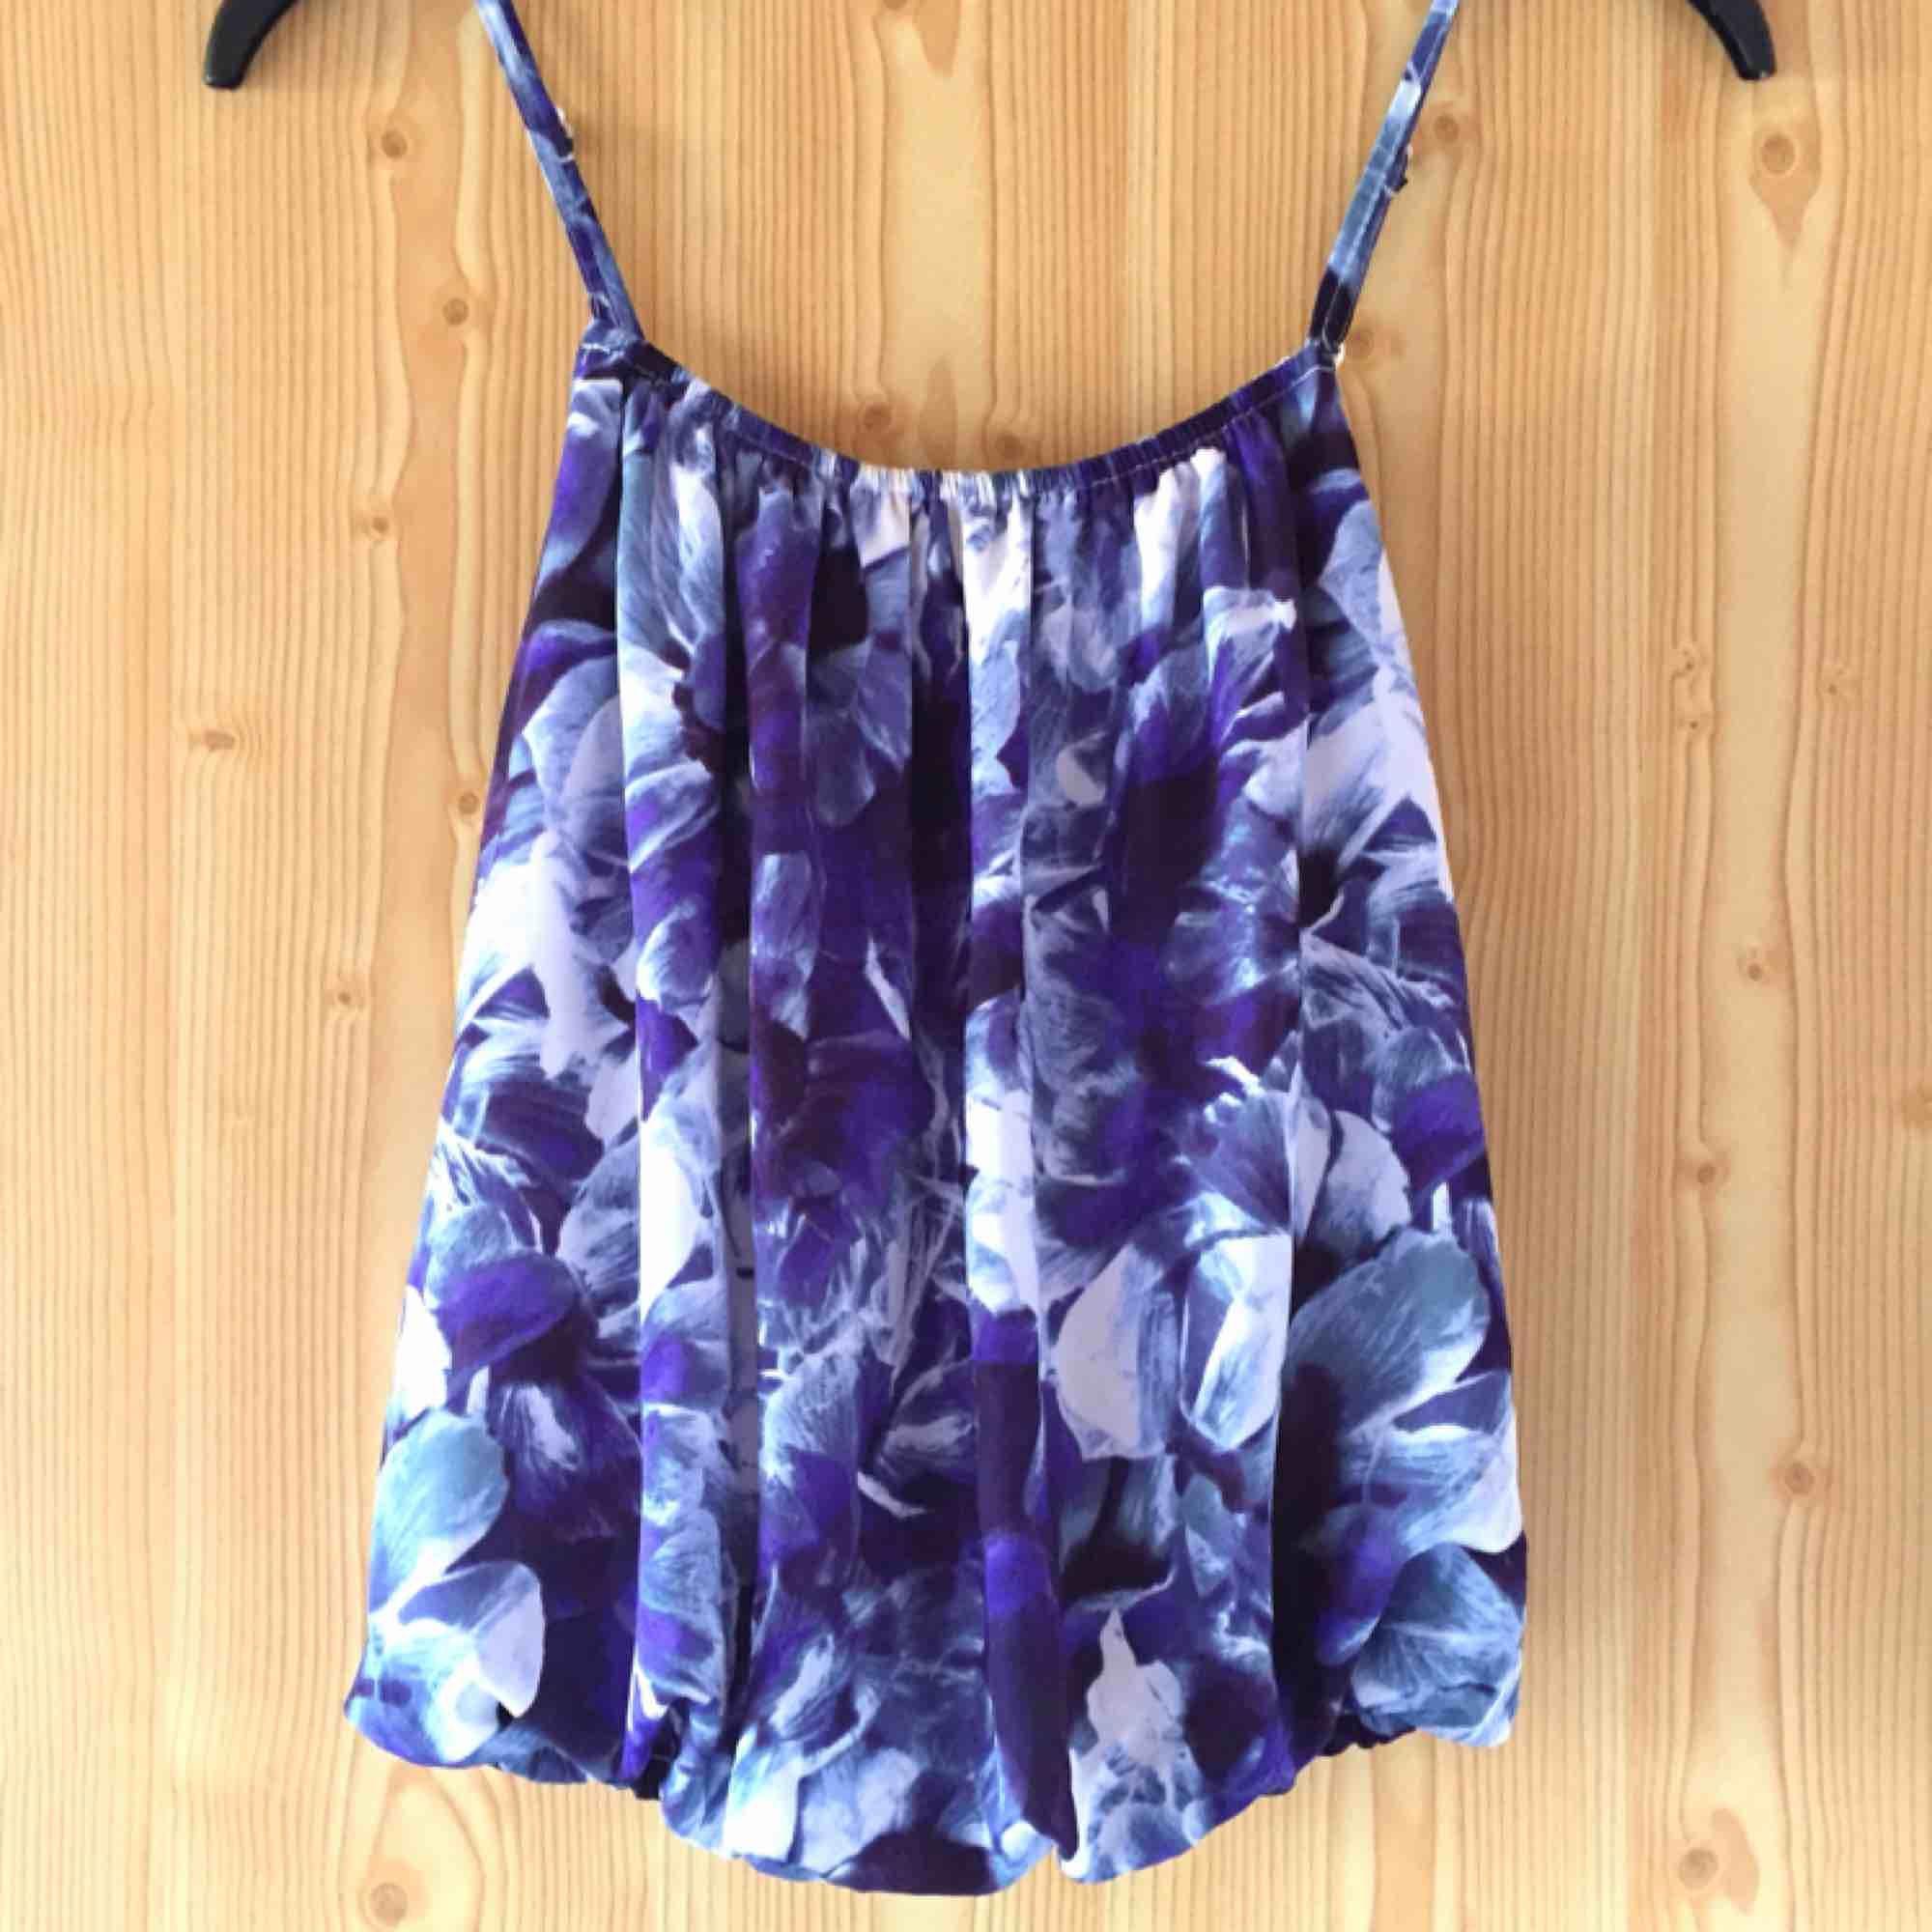 Superfin blå och vit blommig topp. Justerbara axelband och resår både upp och nedtill. Ett måste till sommaren!. Toppar.